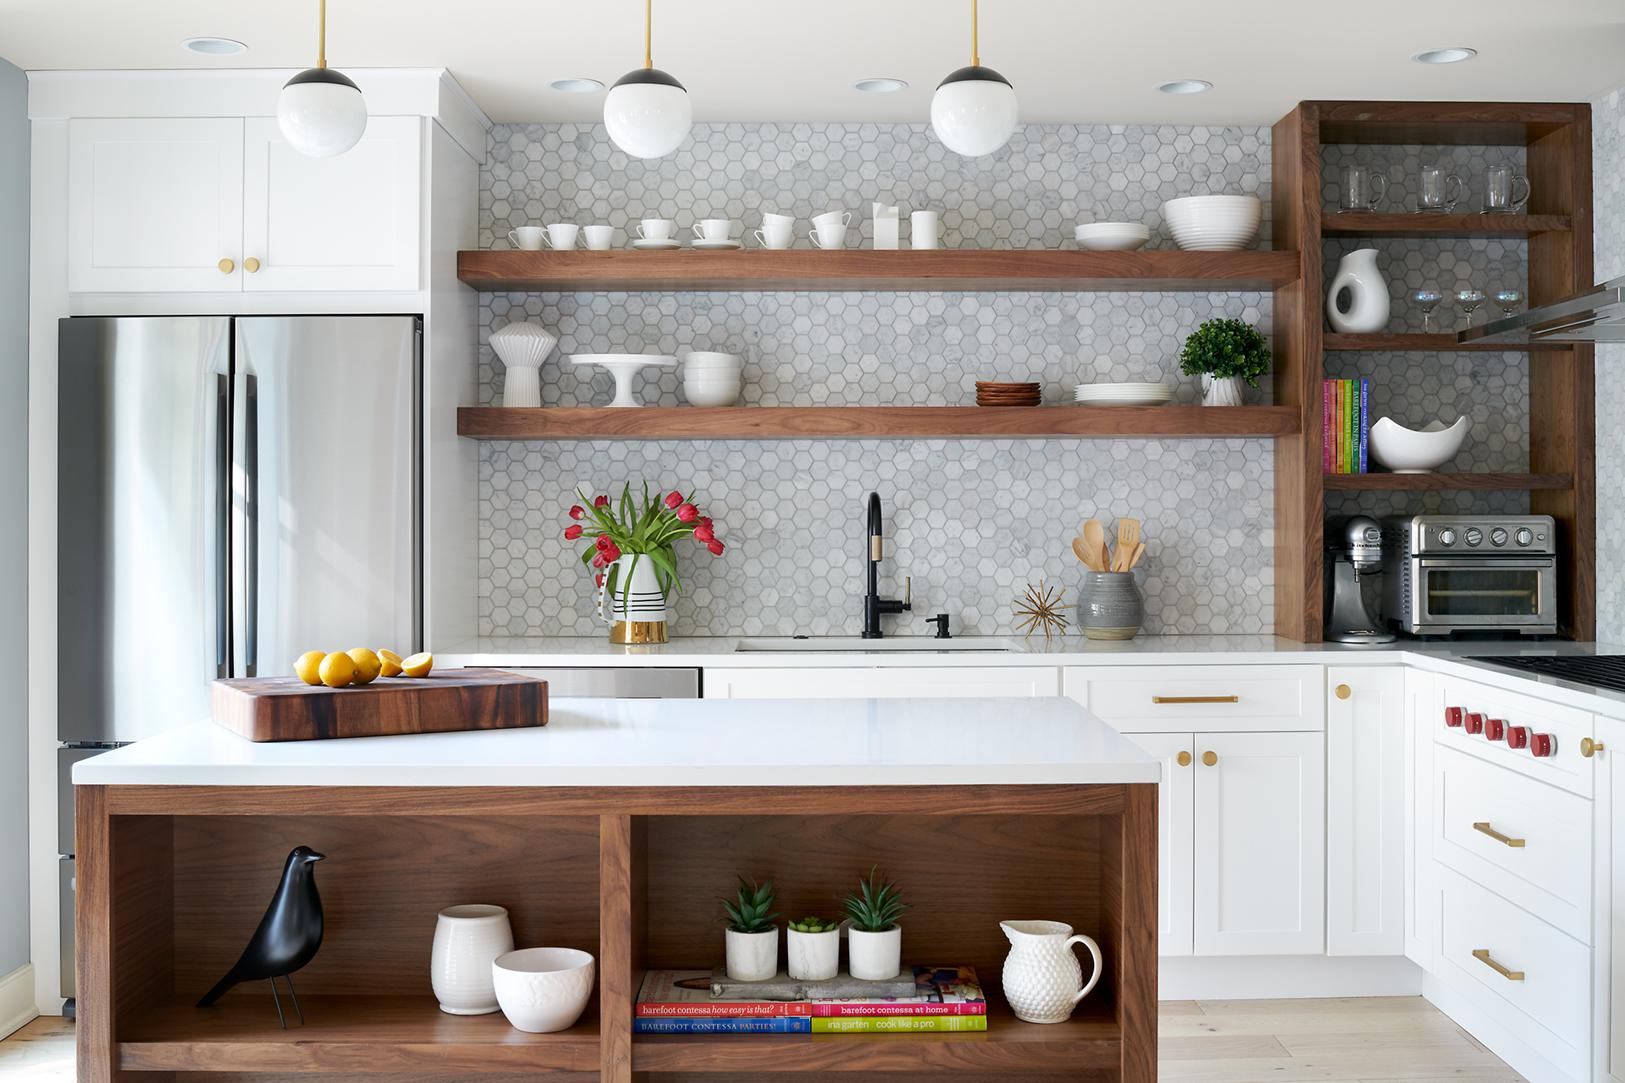 Дизайнерское решение полок на кухне